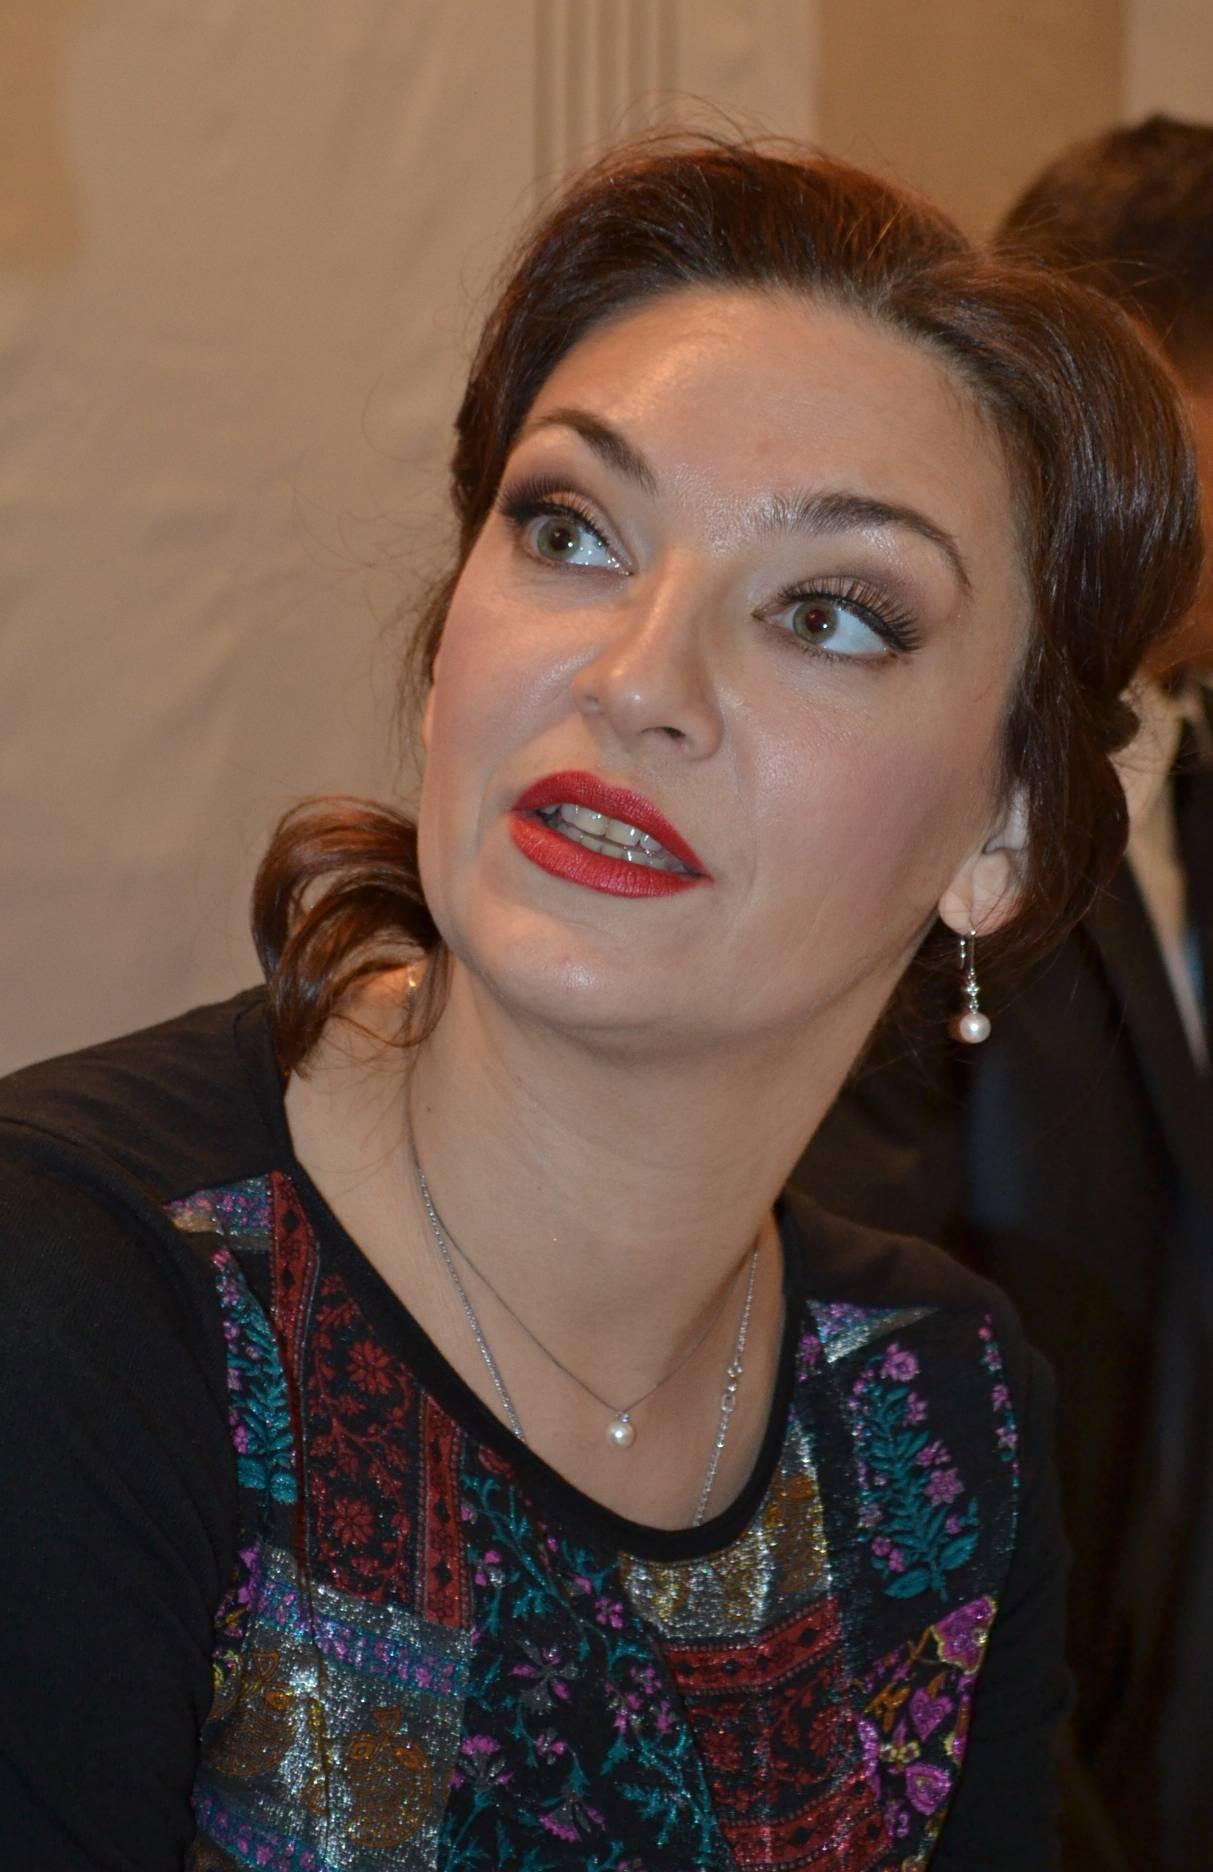 На автограф-сессии Наталия Мельник была столь же эмоциональной и искренней. Фото: Александр Поскребышев